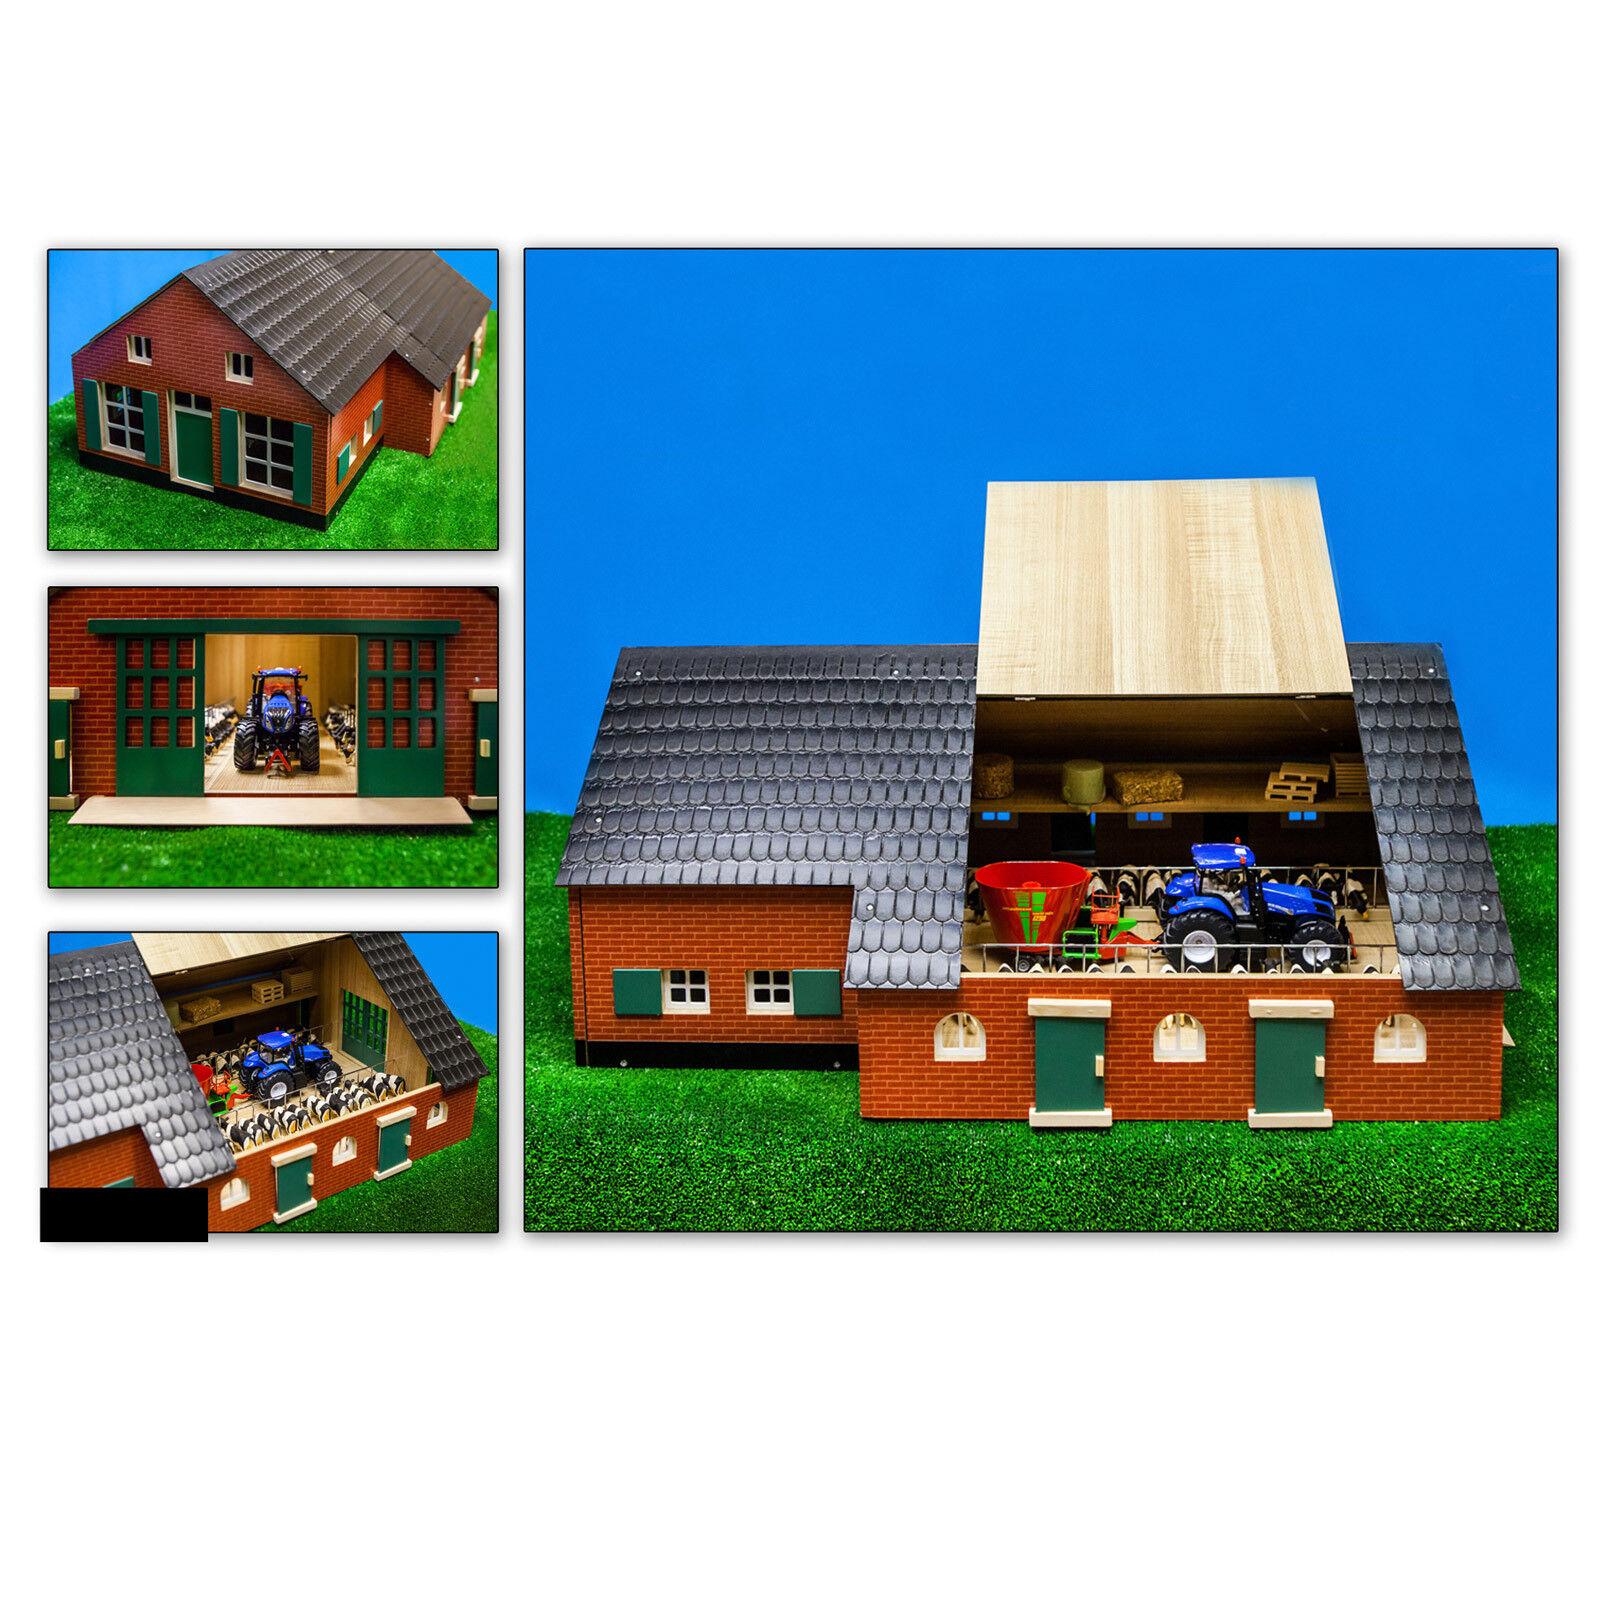 Kinder Spielzeug Holzspielzeug Holz Bauernhof Bauernhaus mit Stall M1 M1 M1 32 f4de98